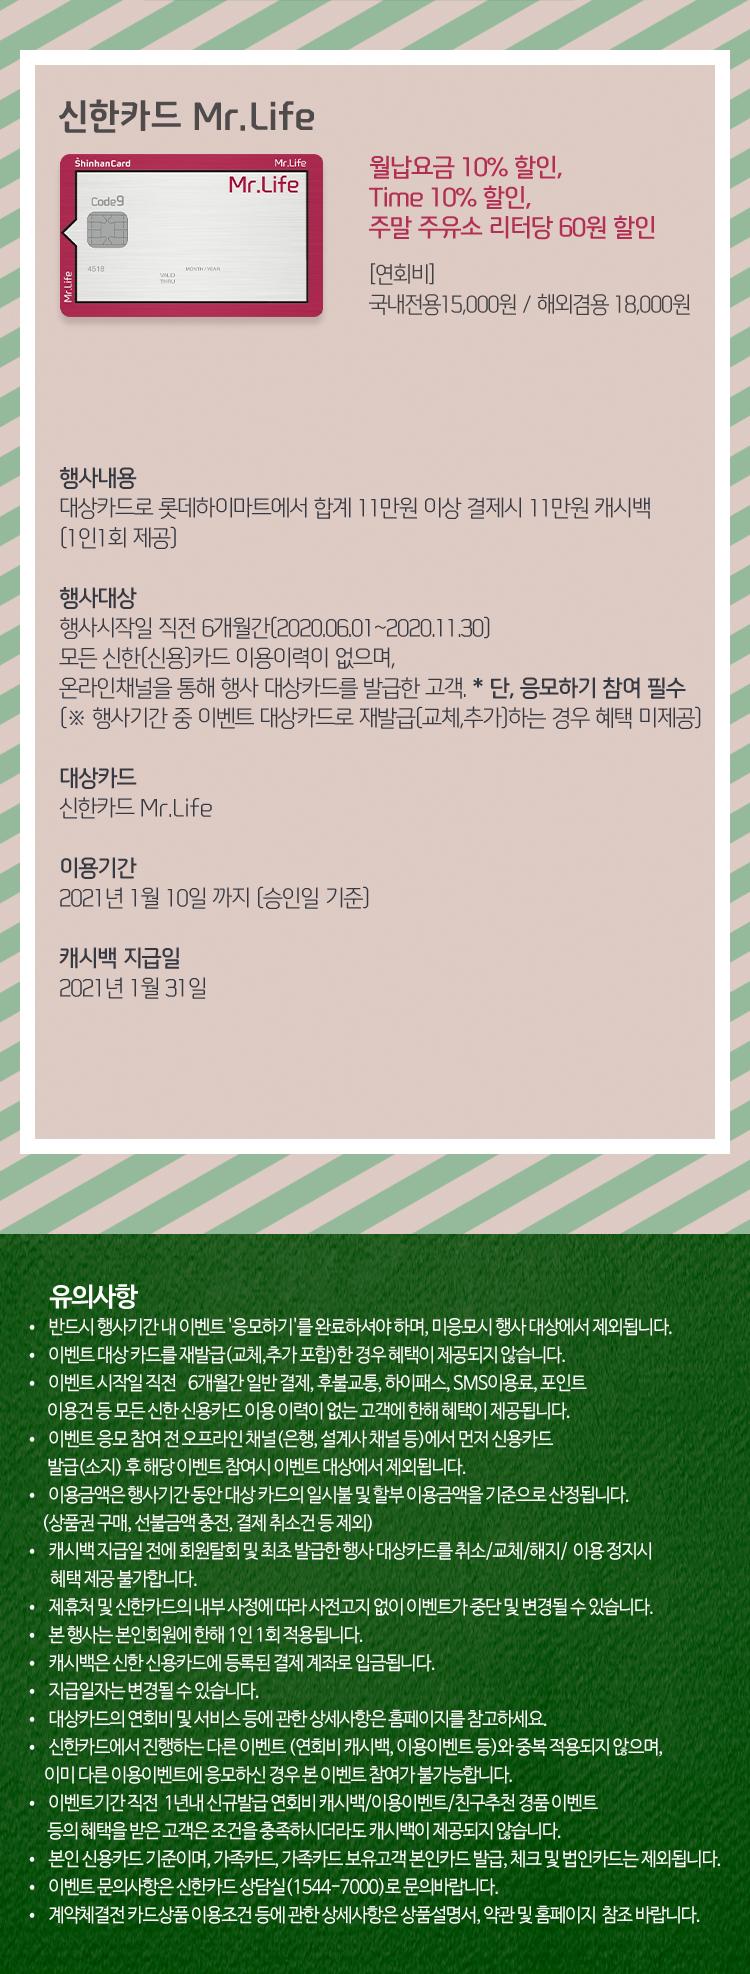 대상카드 / 행사내용